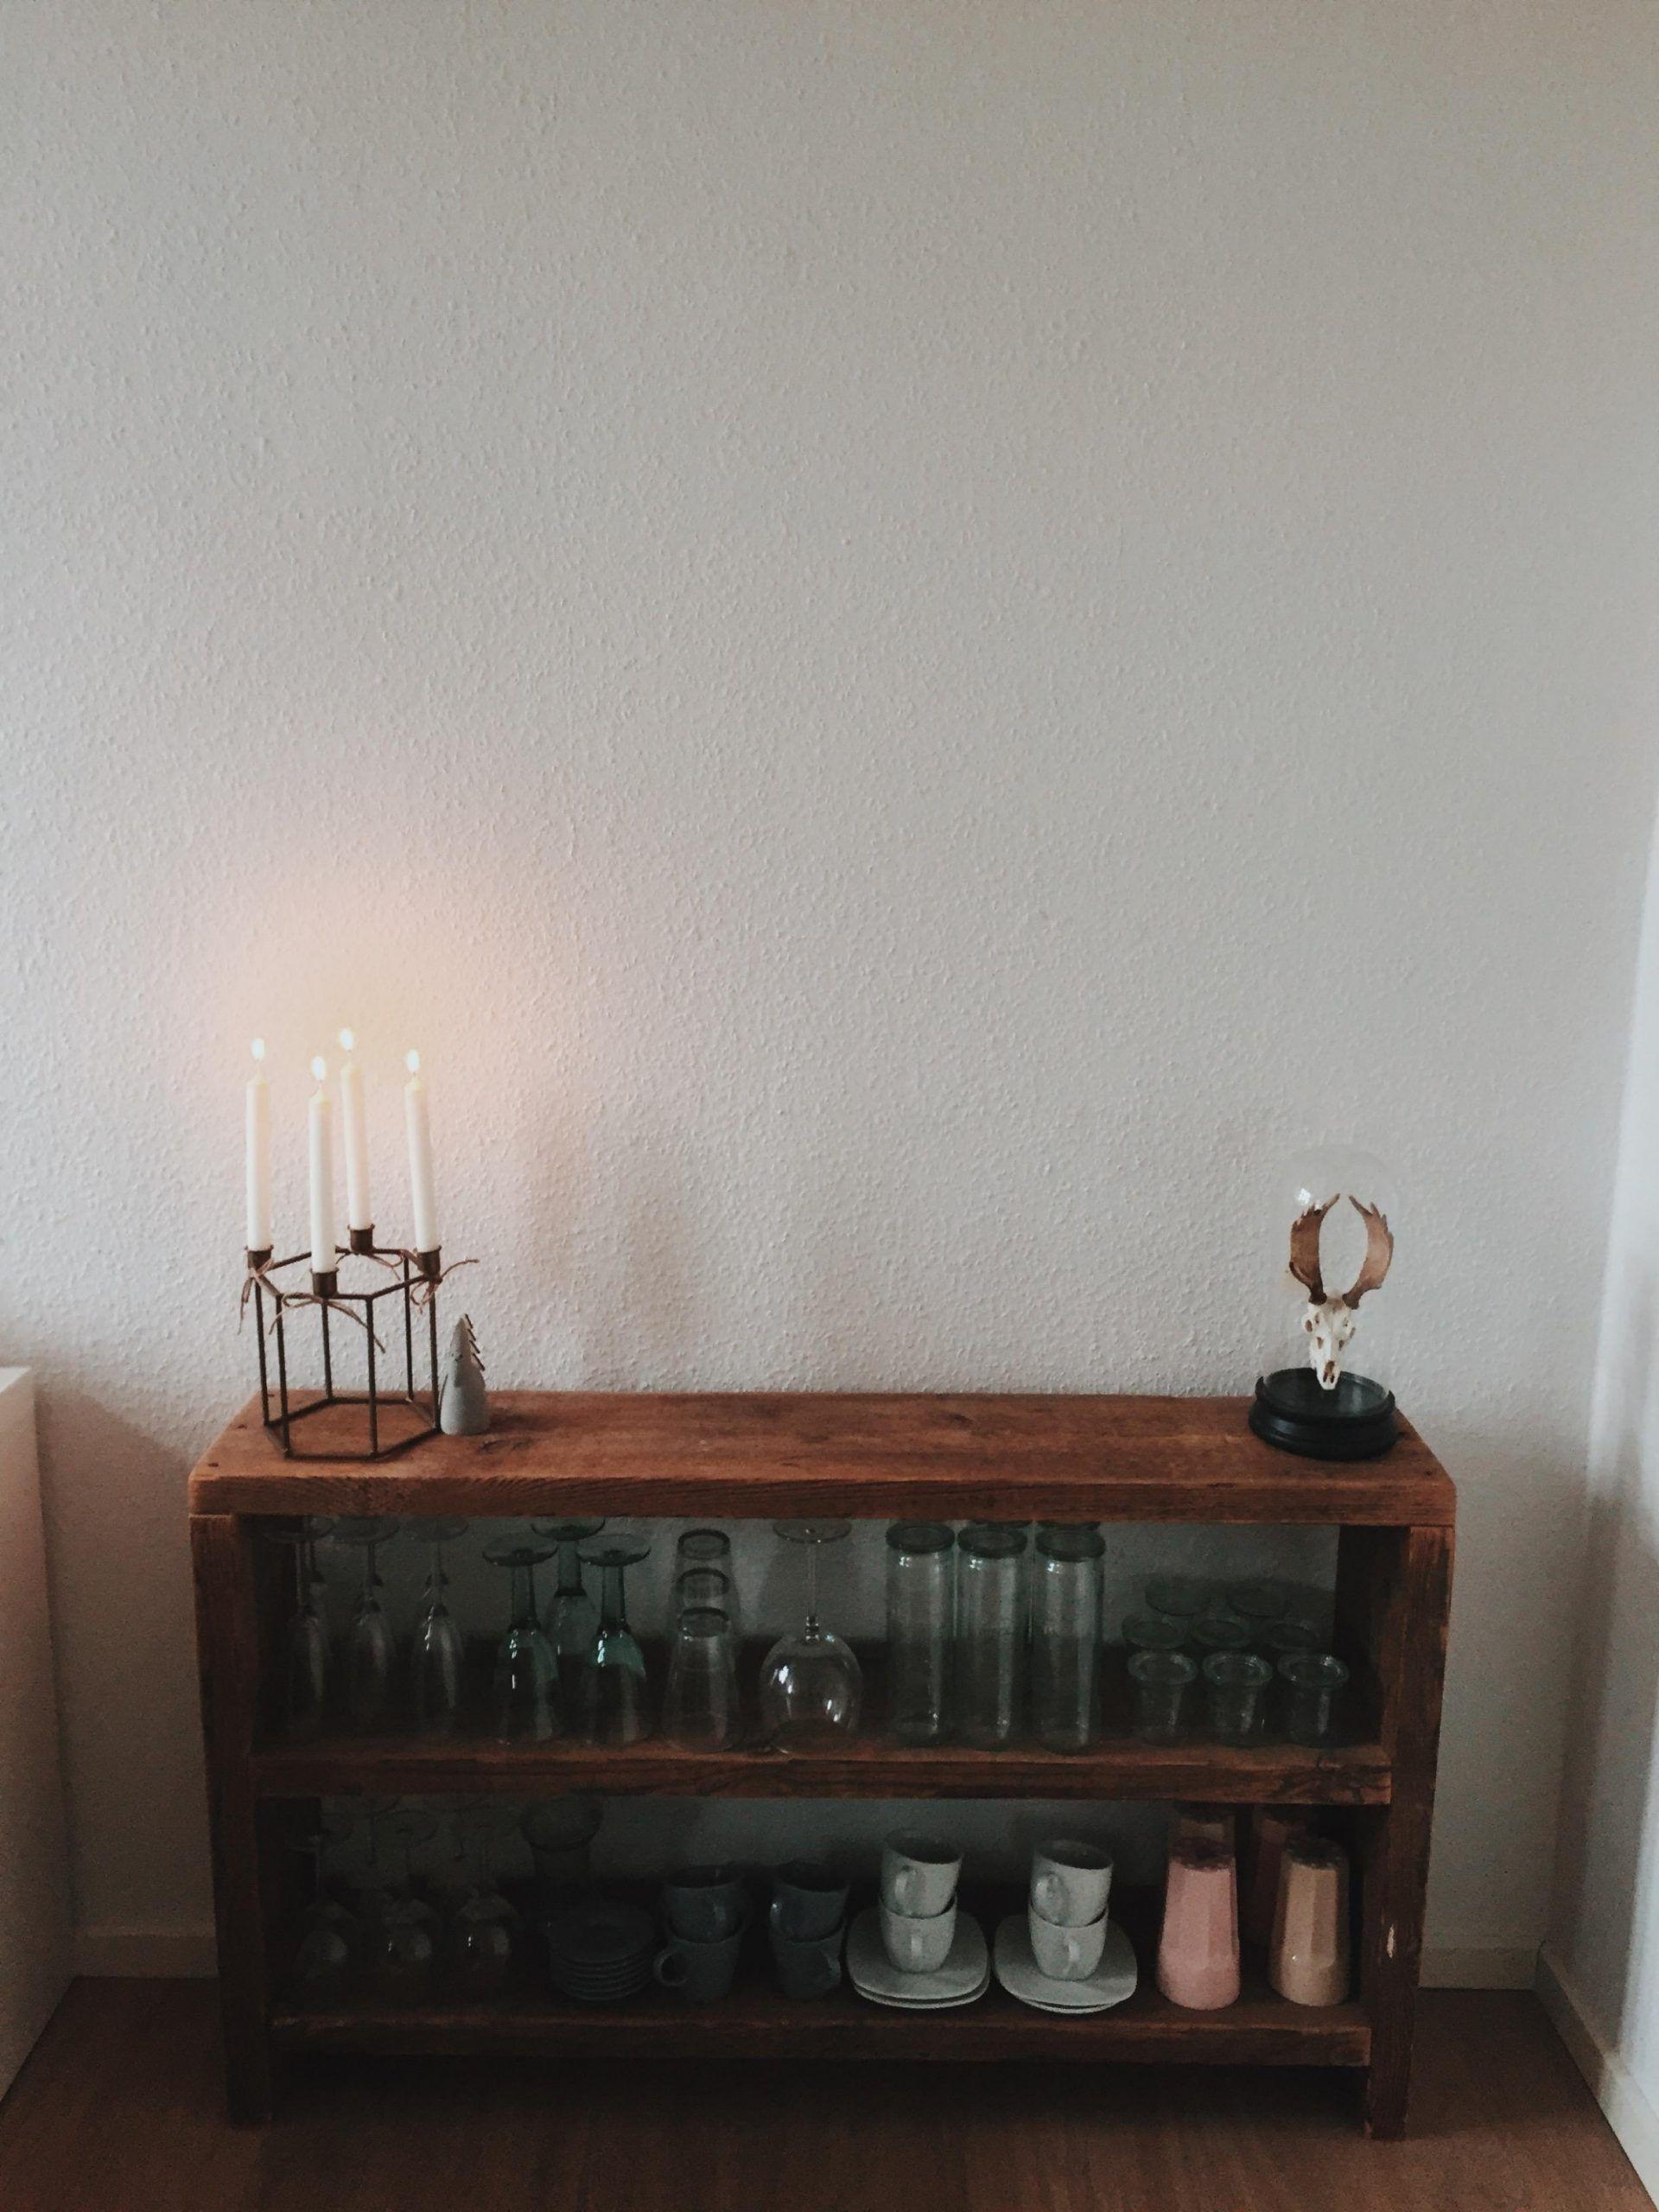 6 Glasregal Wohnzimmer in 6  Wohnzimmer regal, Glasregal, Dekor